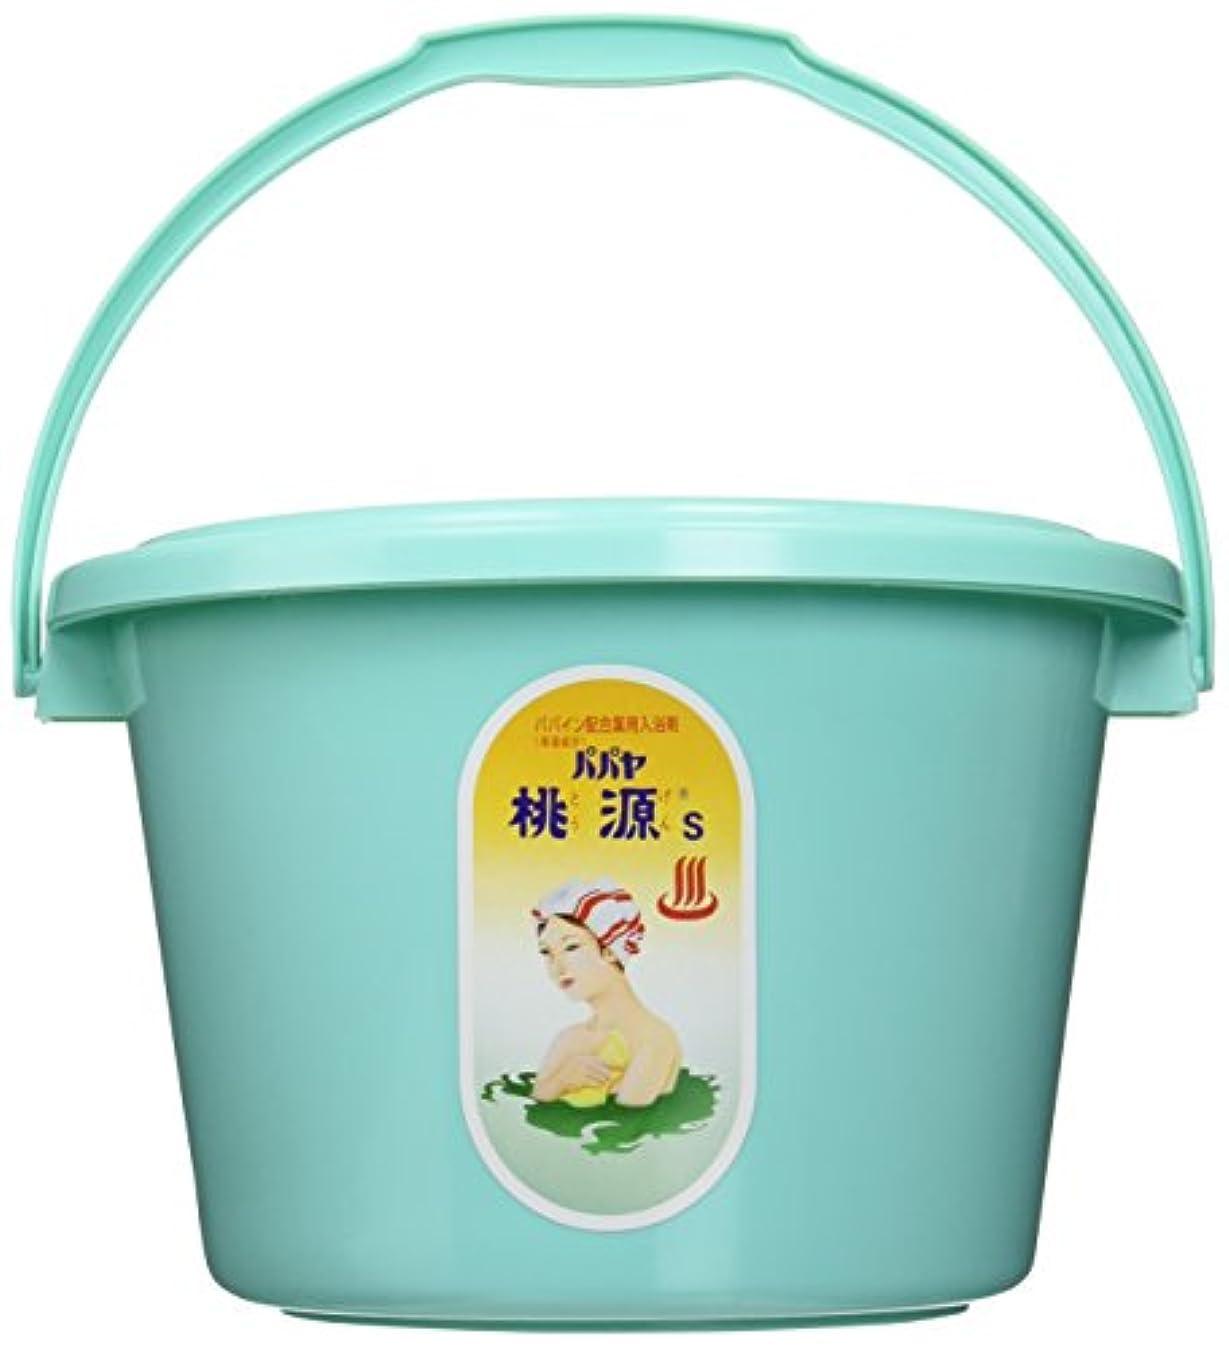 砲兵マントル業界五洲薬品 パパヤ桃源Sバケツ 4kg [医薬部外品]